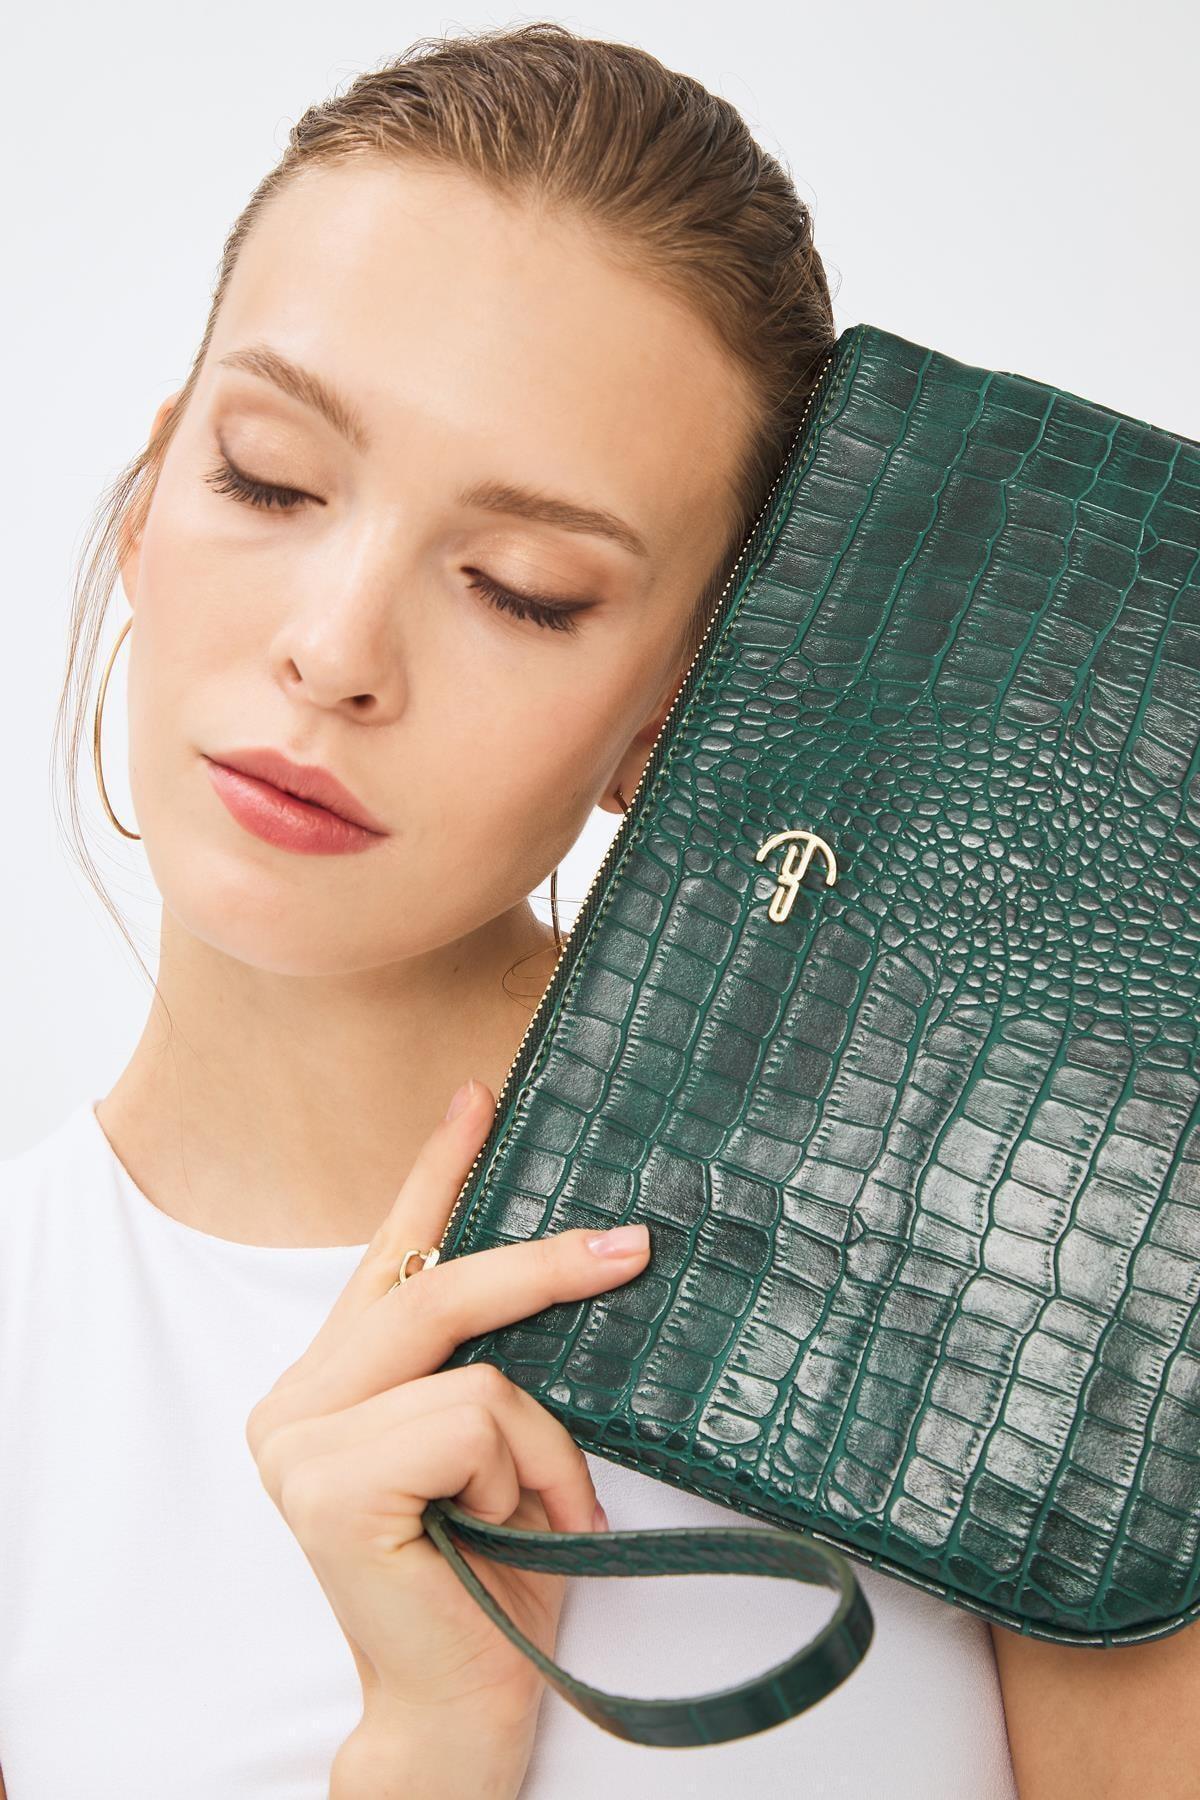 Deri Company Kadın Basic Clutch Çanta Kroko Timsah Desen Yeşil 214002 1